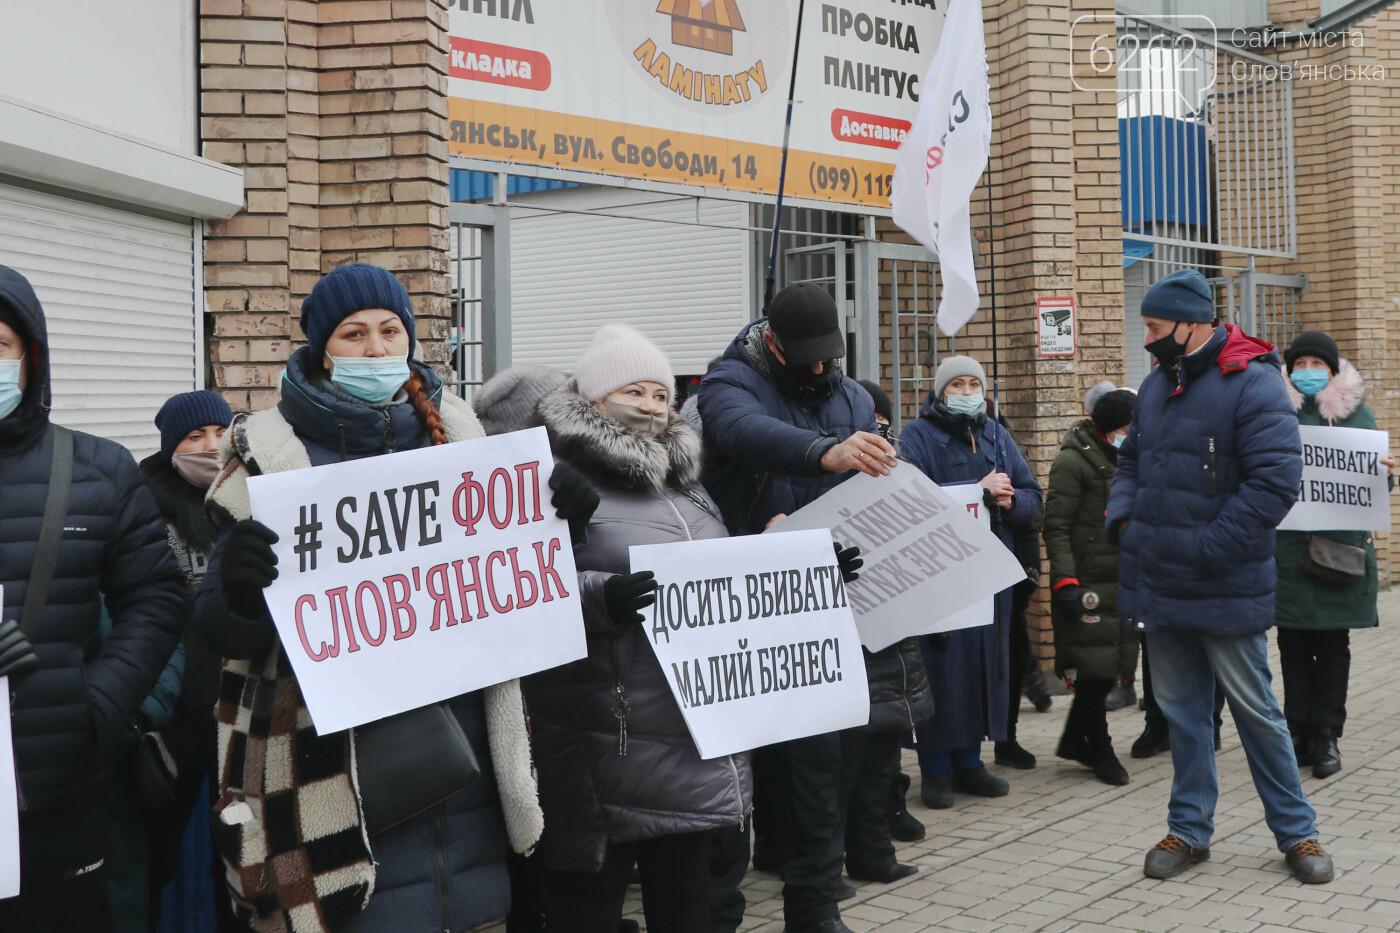 Save ФОП: у Слов'янську підприємці вийшли на мітинг - ФОТО, фото-1